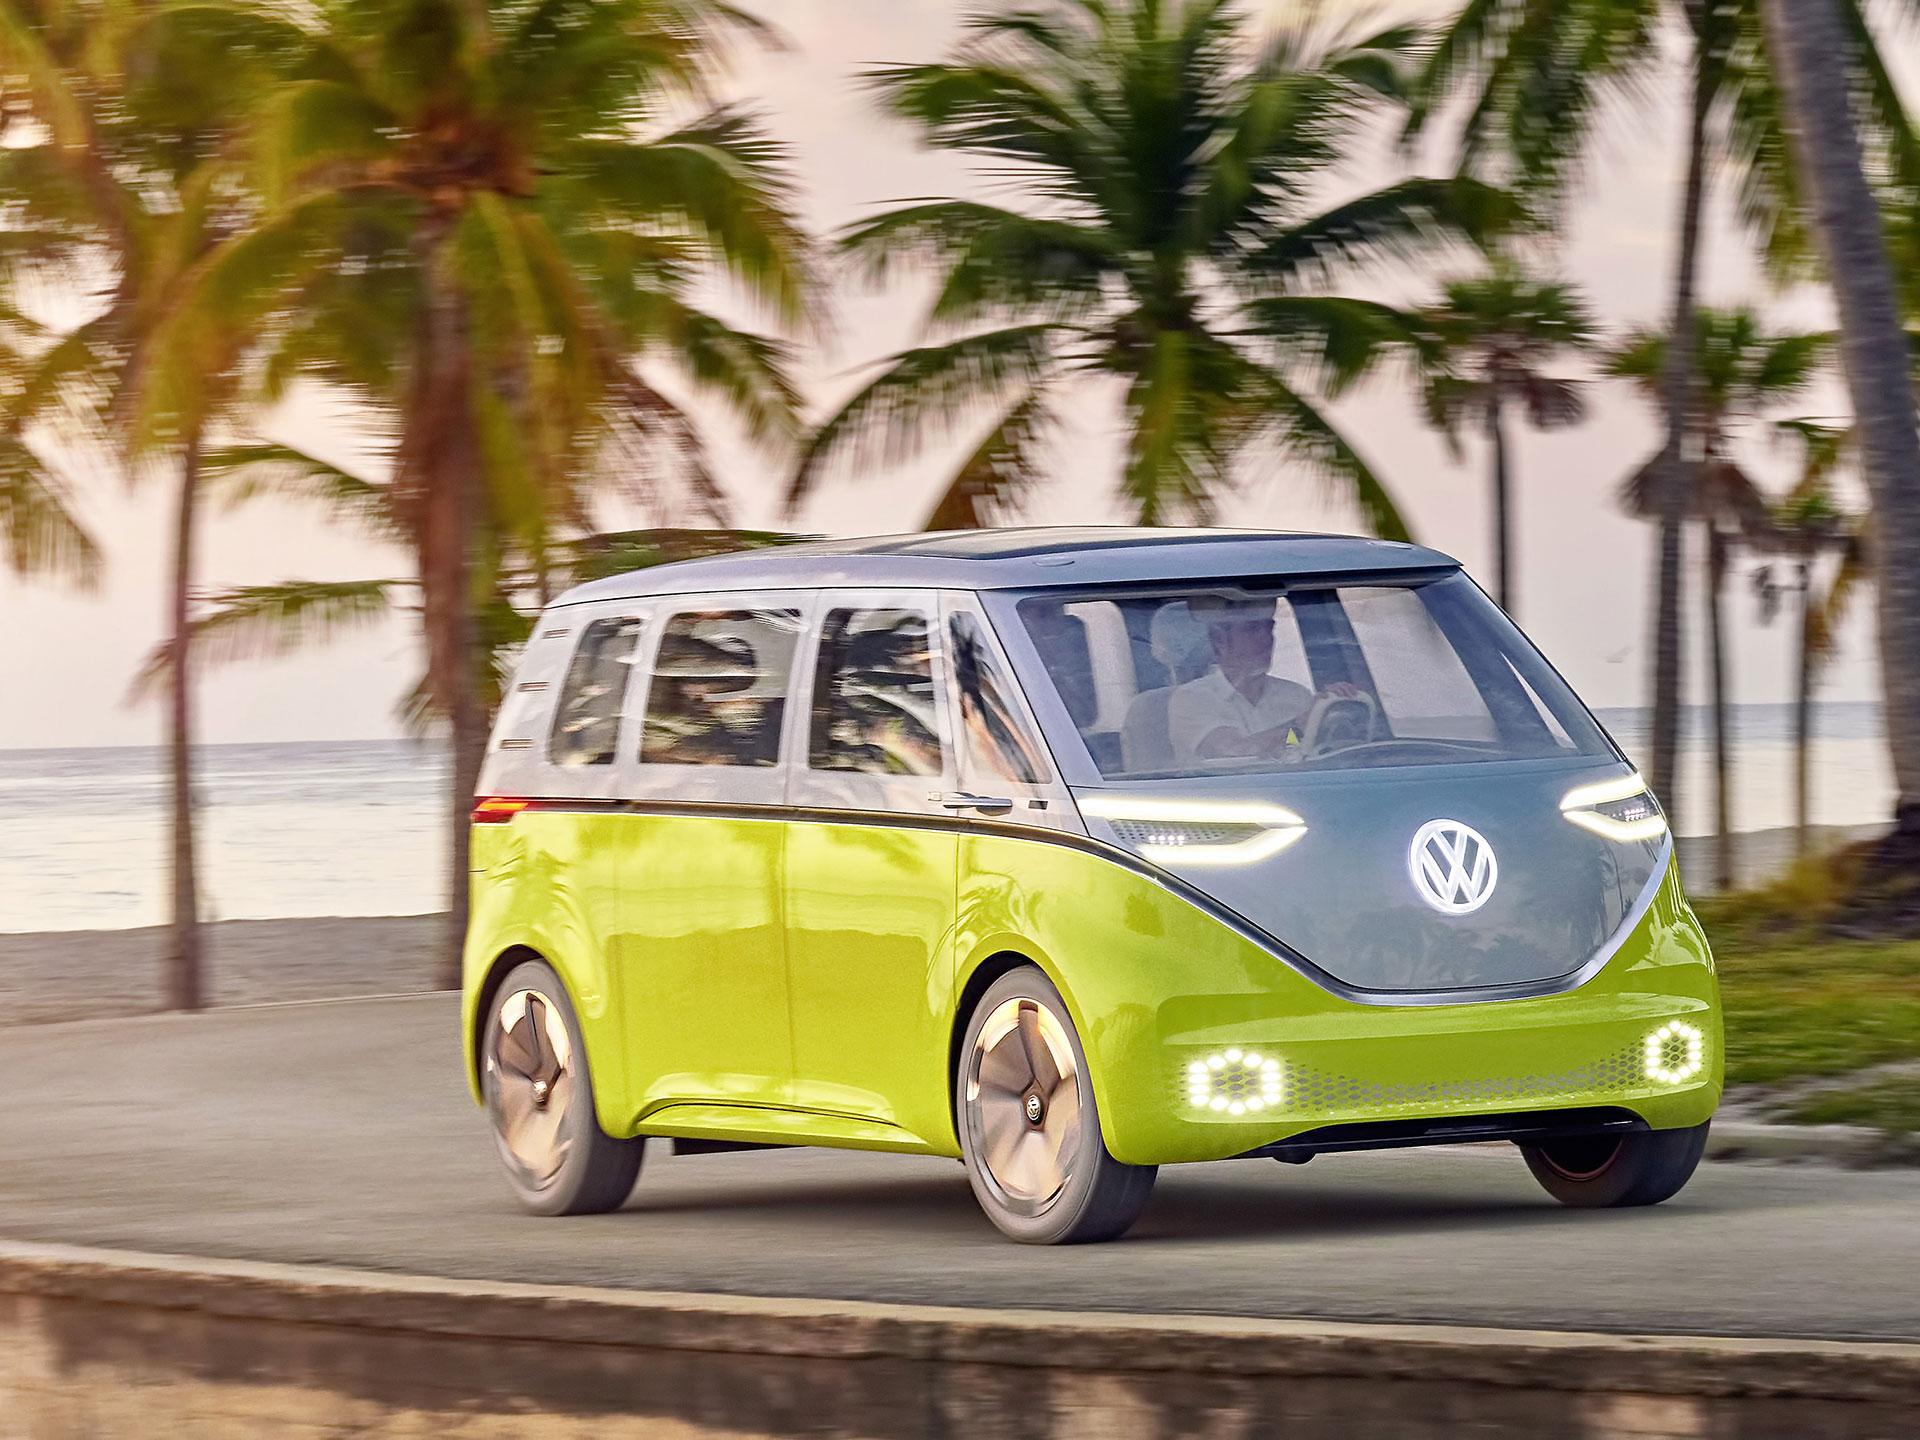 Presentado en el Autoshow de Detroit, ése término posee las luces y el logotipo integrados a la carrocería, iluminados por LED. Foto: Volkswagen